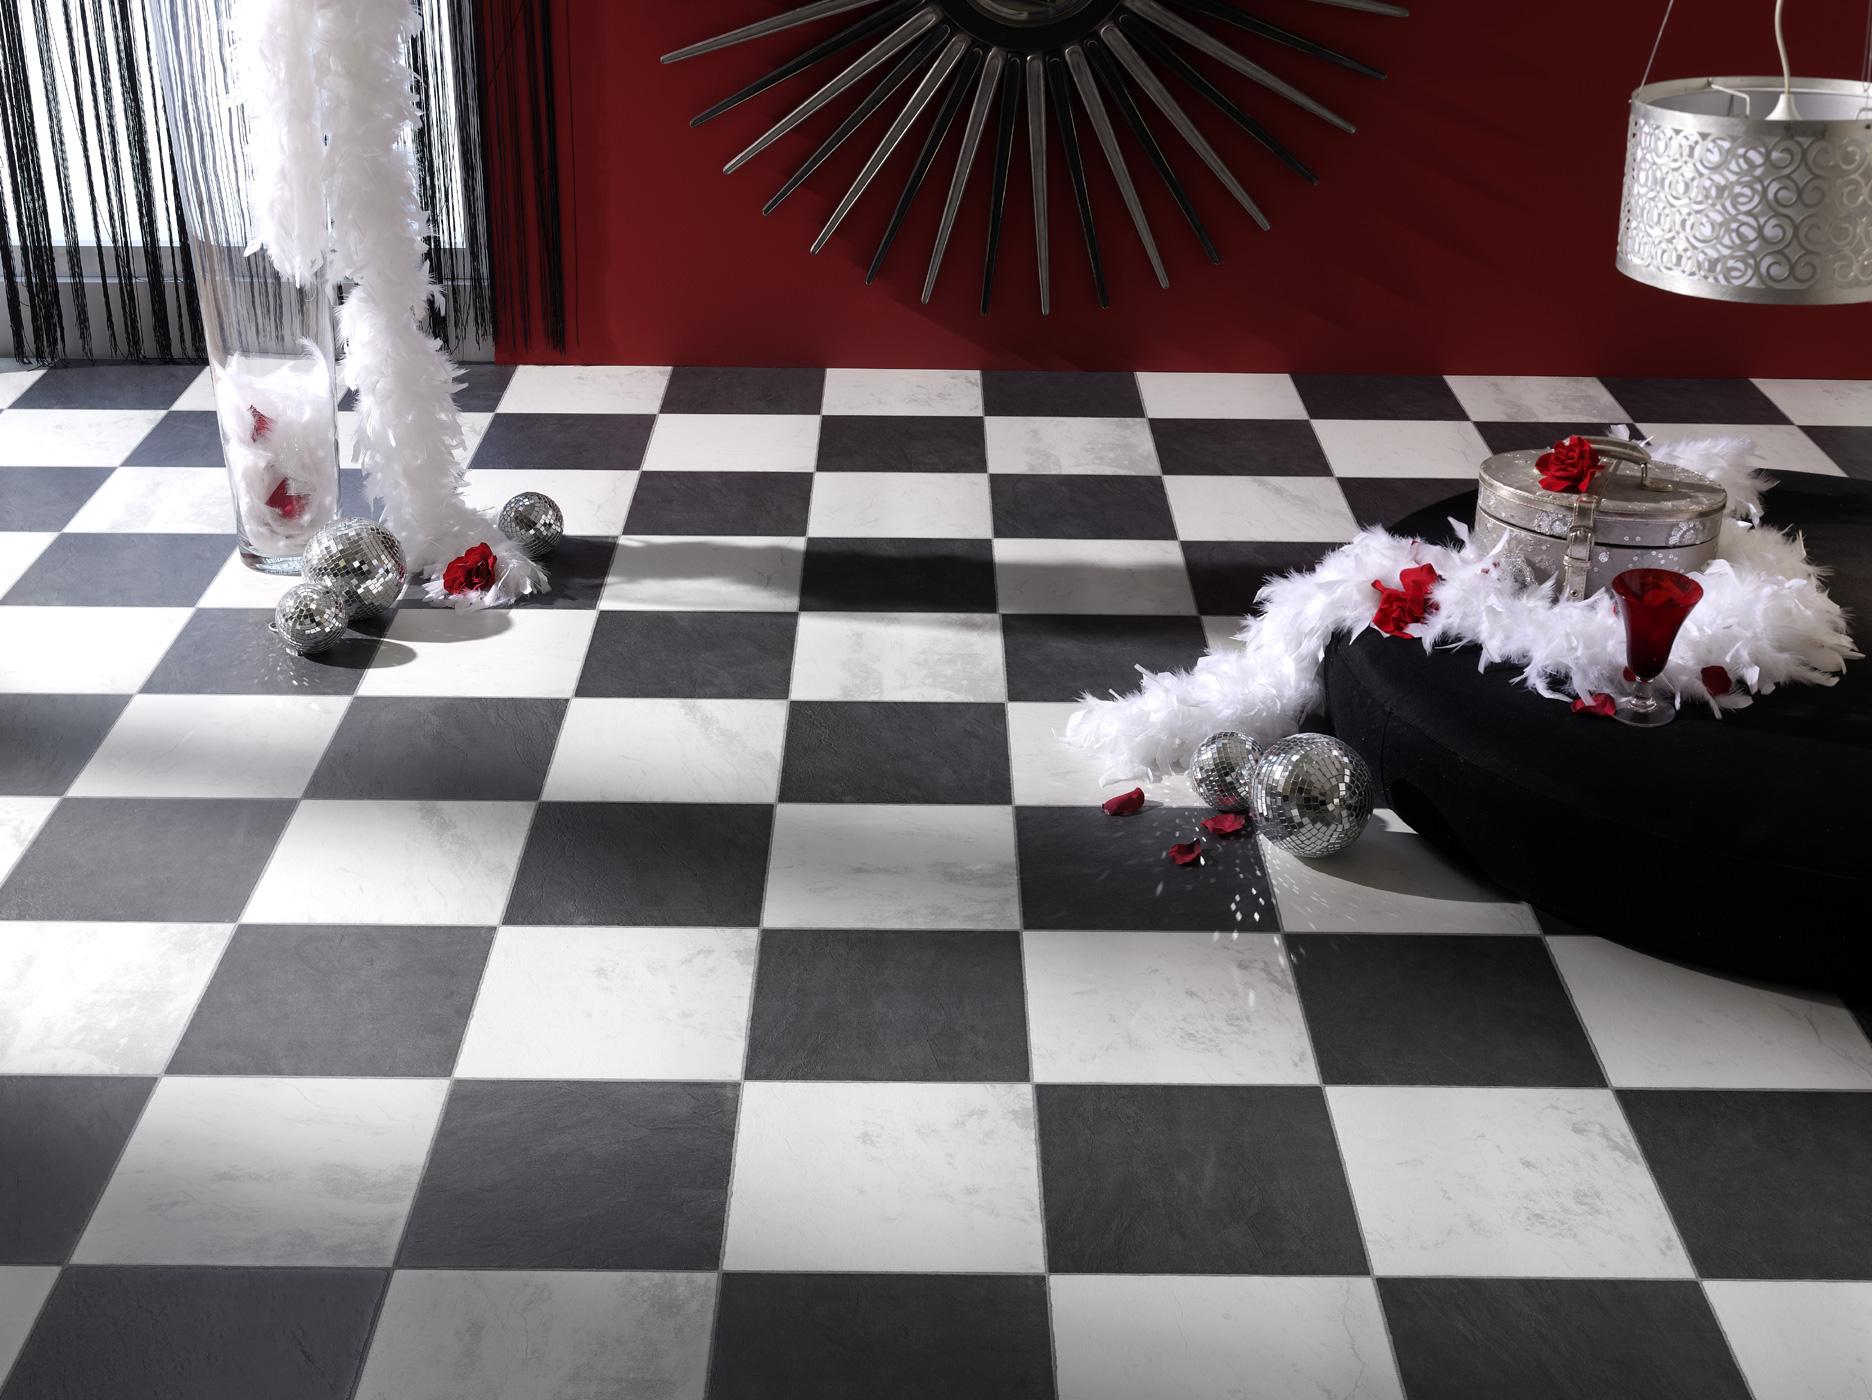 Faus laminaat tegels Chess Black 621989 zwart wit geblokt   Vloerenplanet